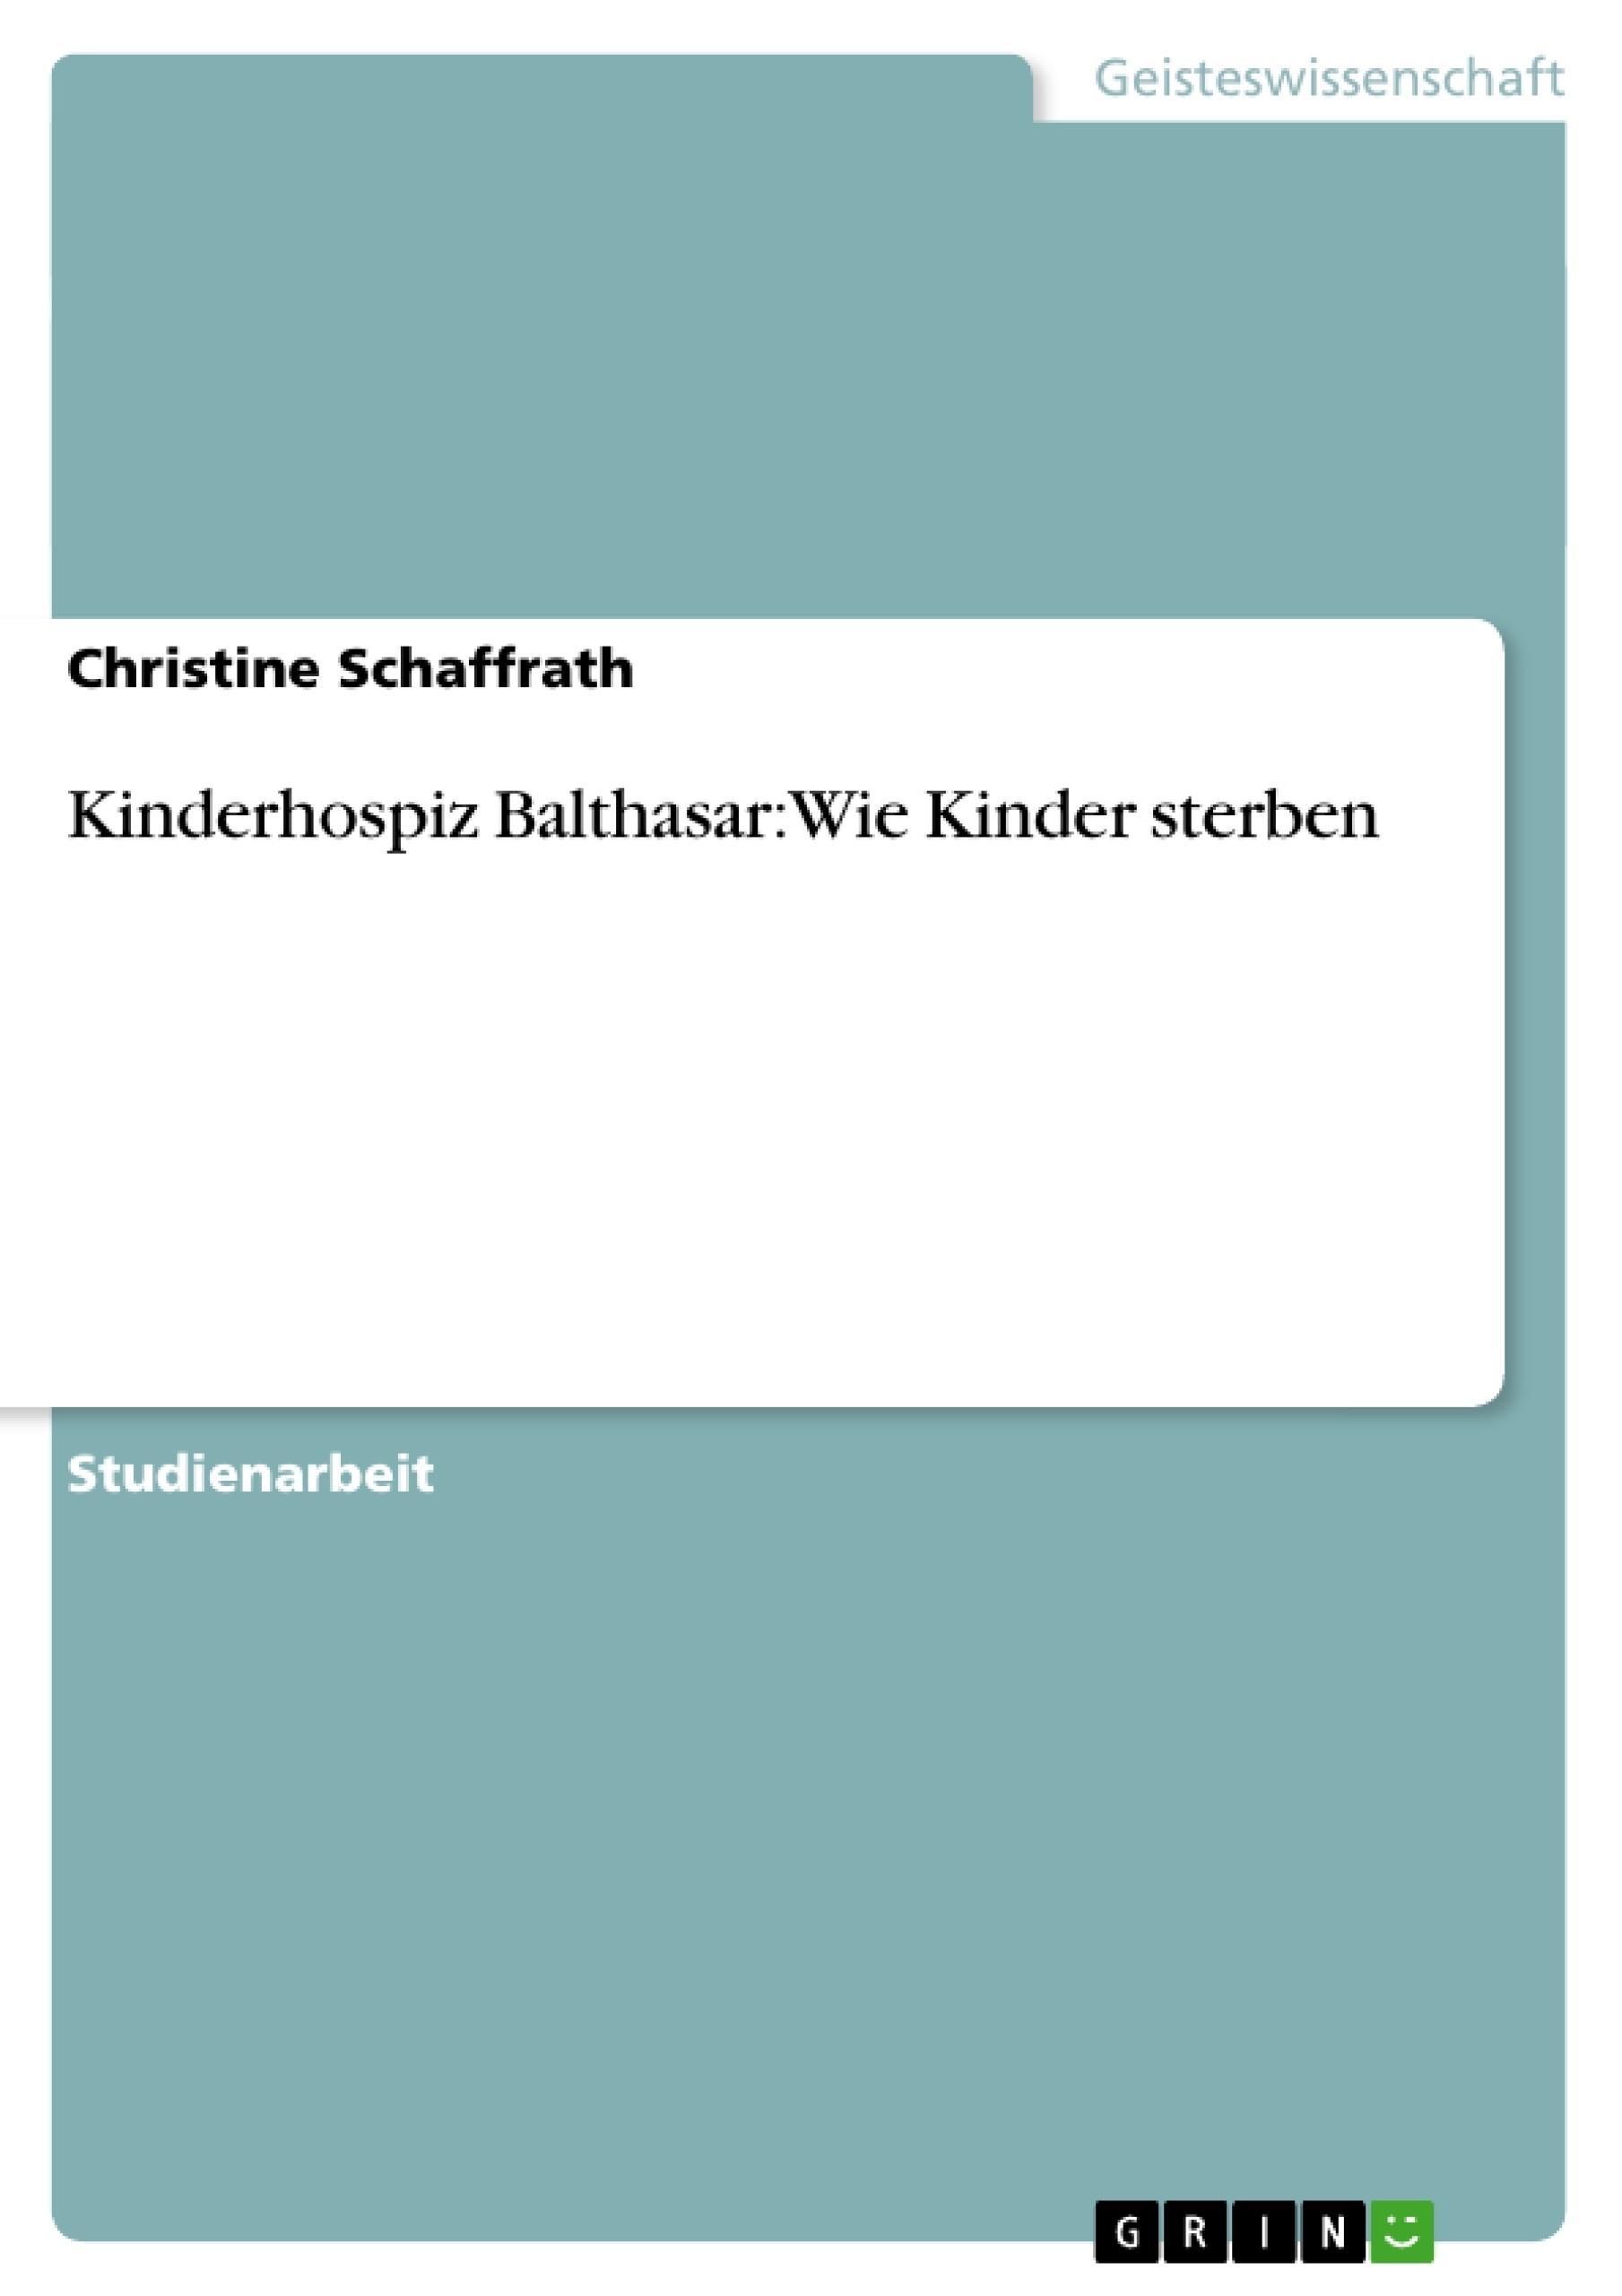 Titel: Kinderhospiz Balthasar: Wie Kinder sterben